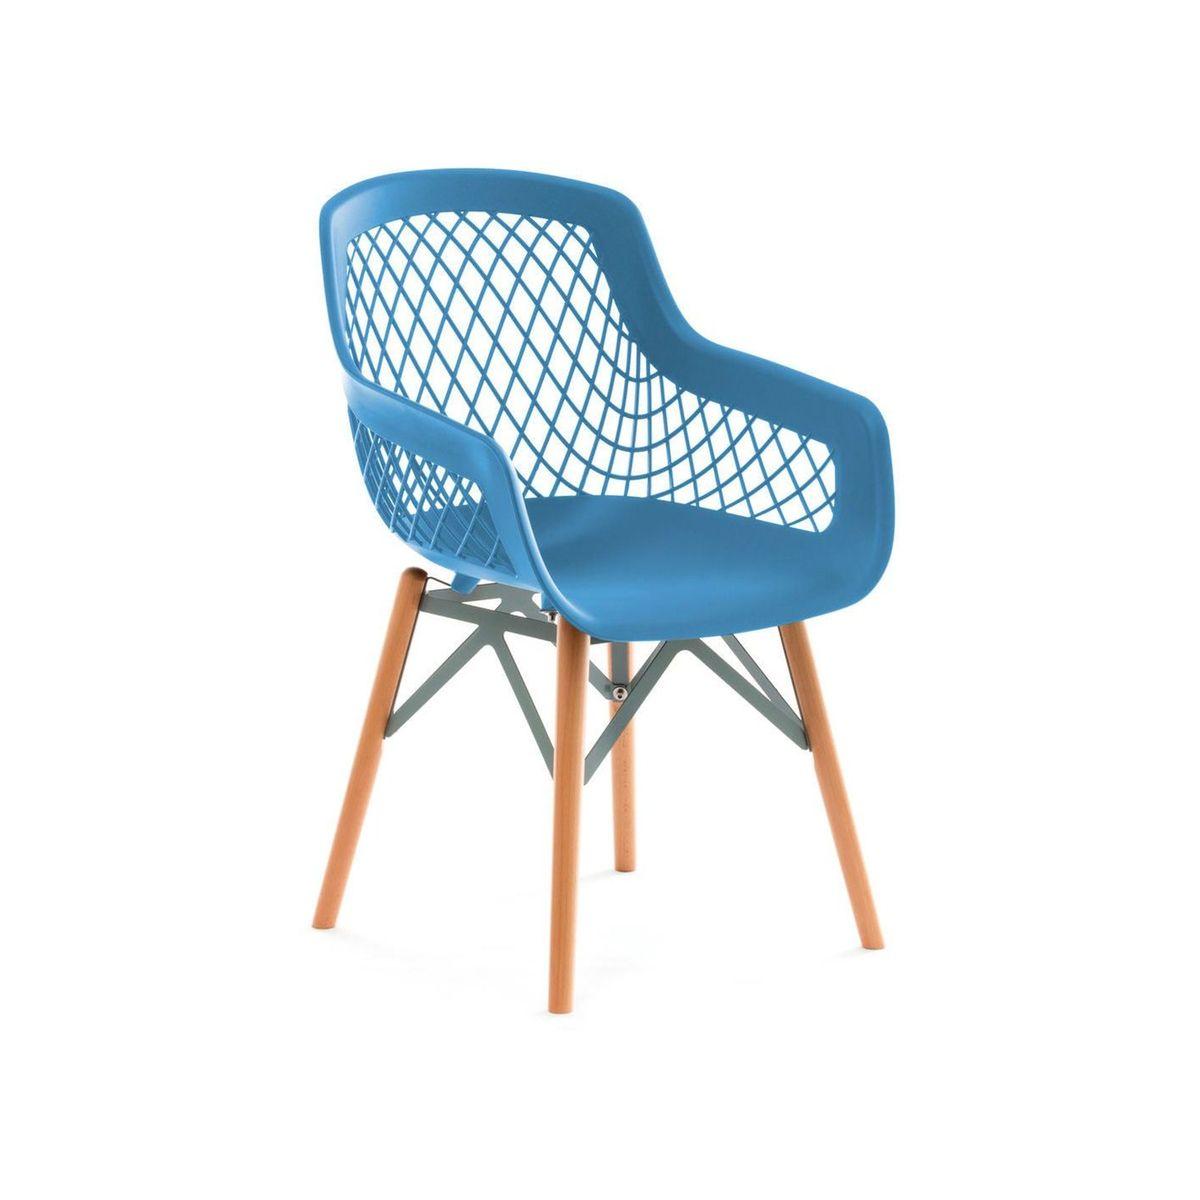 X4 Chaises Pure Style Bleu Arte Espina La Redoute Chaise Chaises De Table A Manger Chaise Plastique